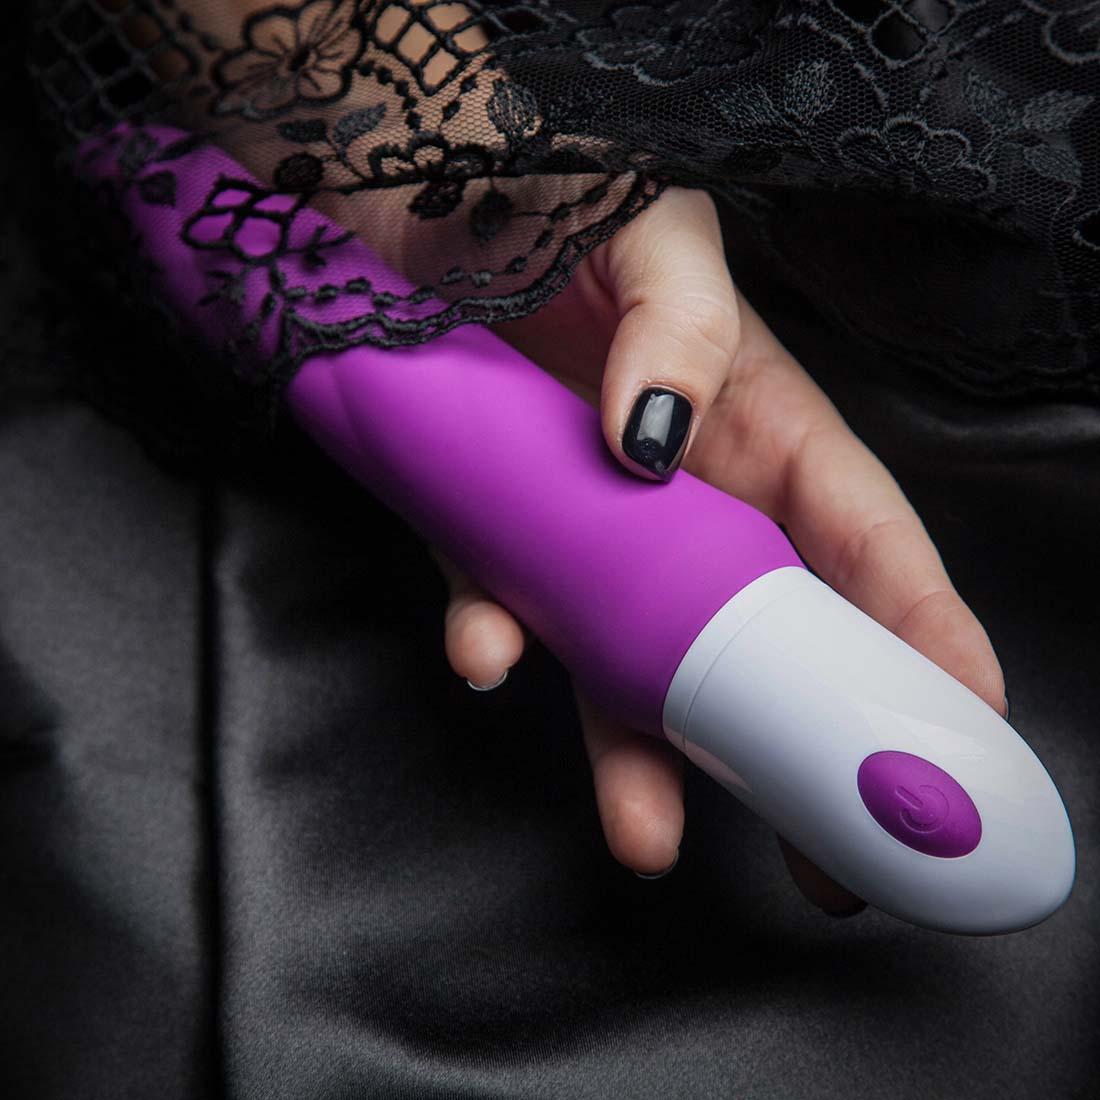 Sparta вибратор (вибростимулятор) фиолетовый